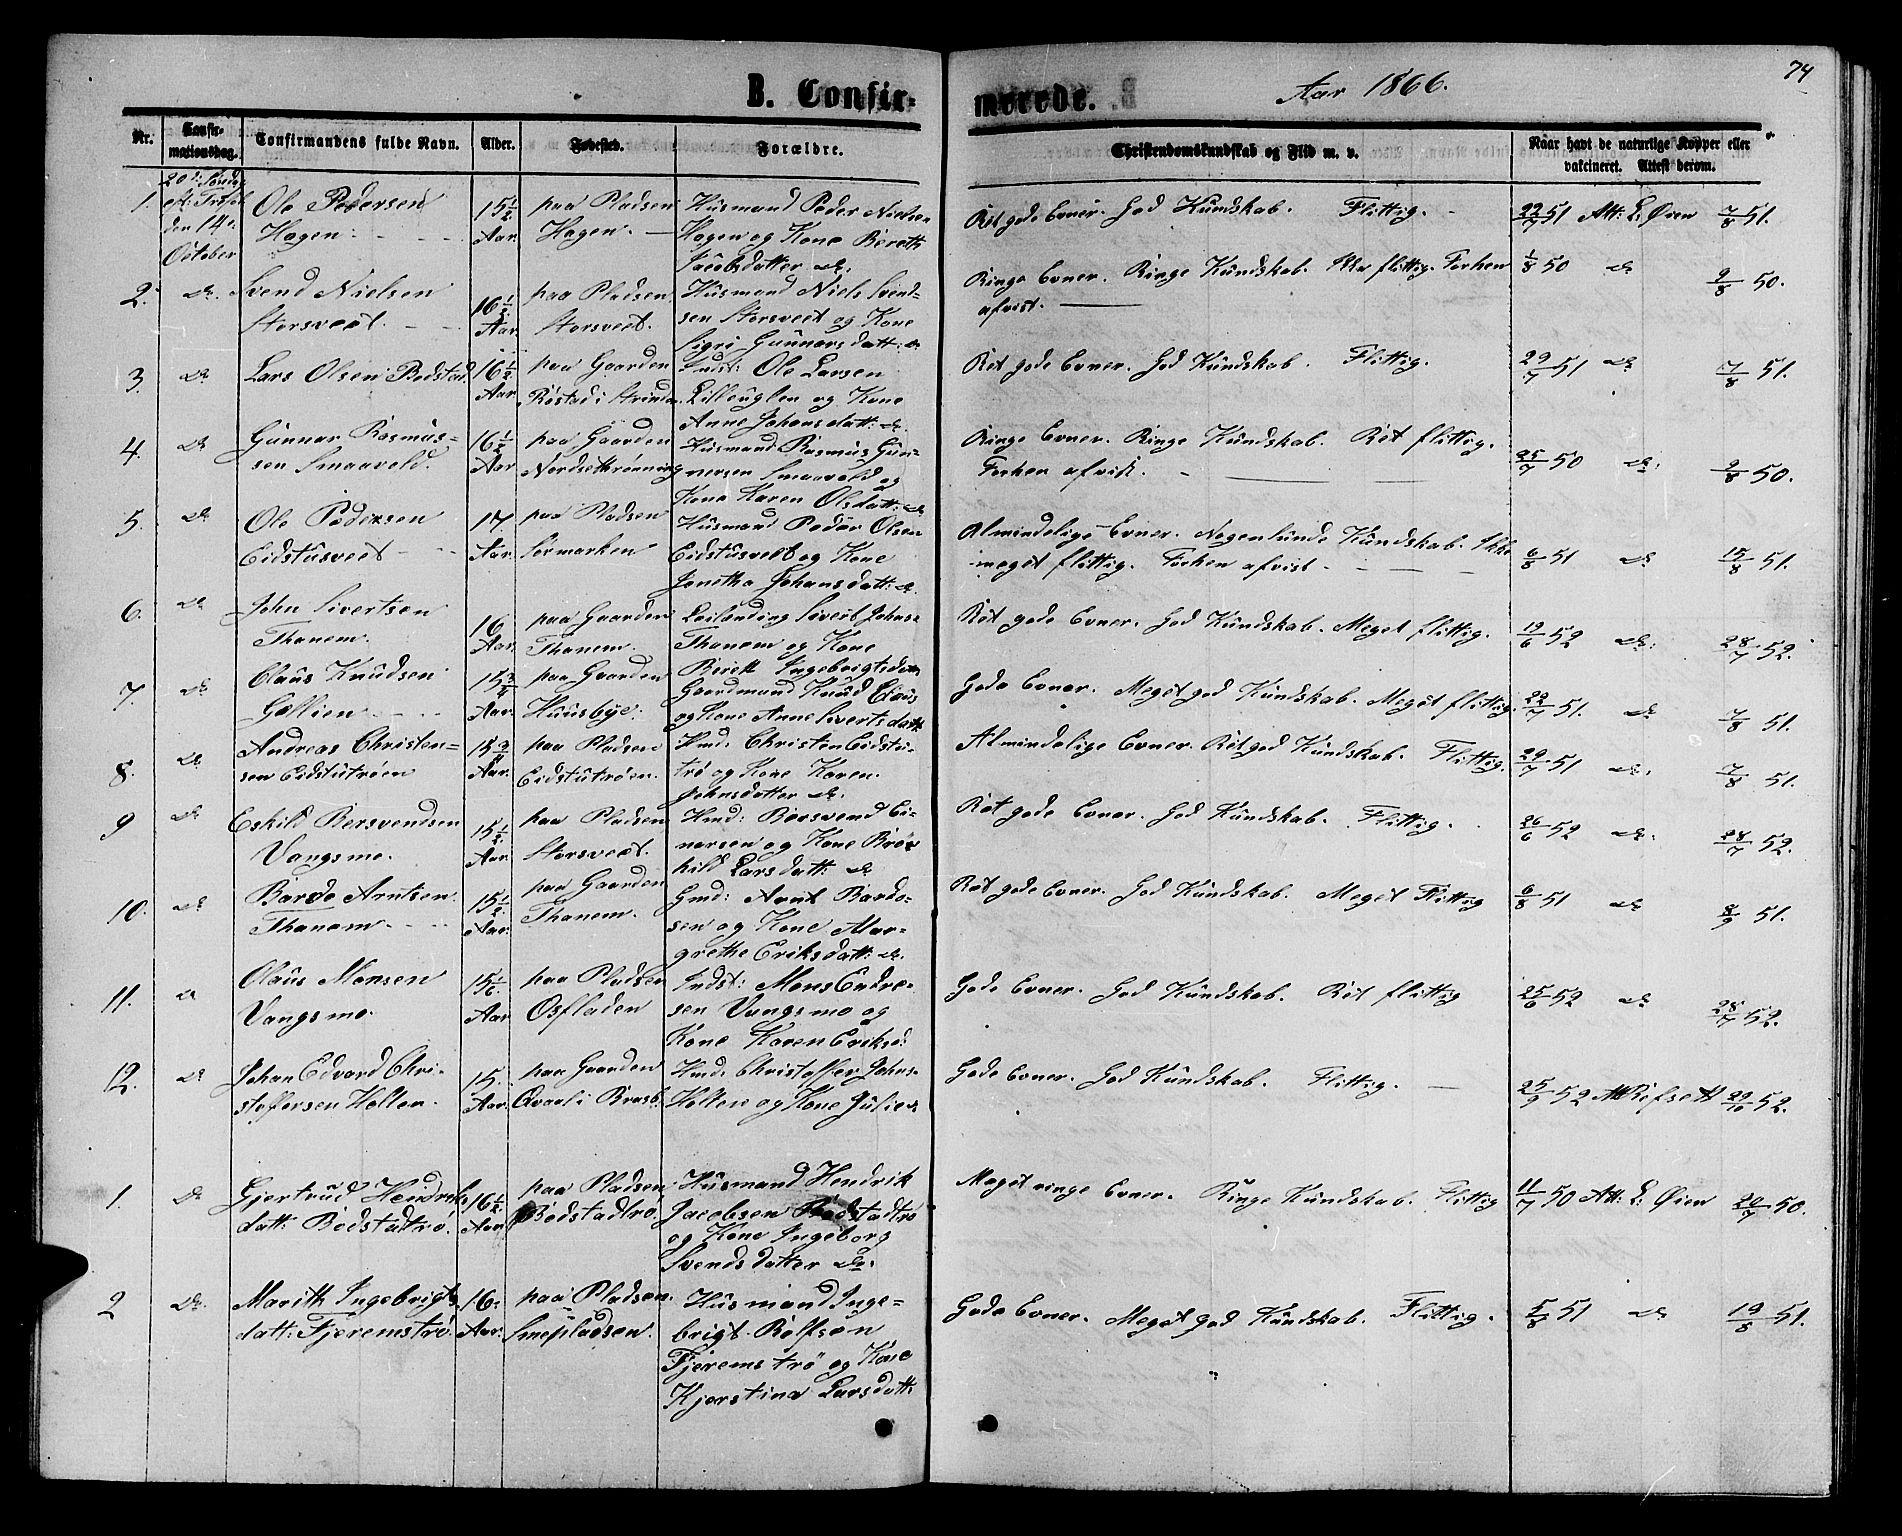 SAT, Ministerialprotokoller, klokkerbøker og fødselsregistre - Sør-Trøndelag, 618/L0451: Klokkerbok nr. 618C02, 1865-1883, s. 74